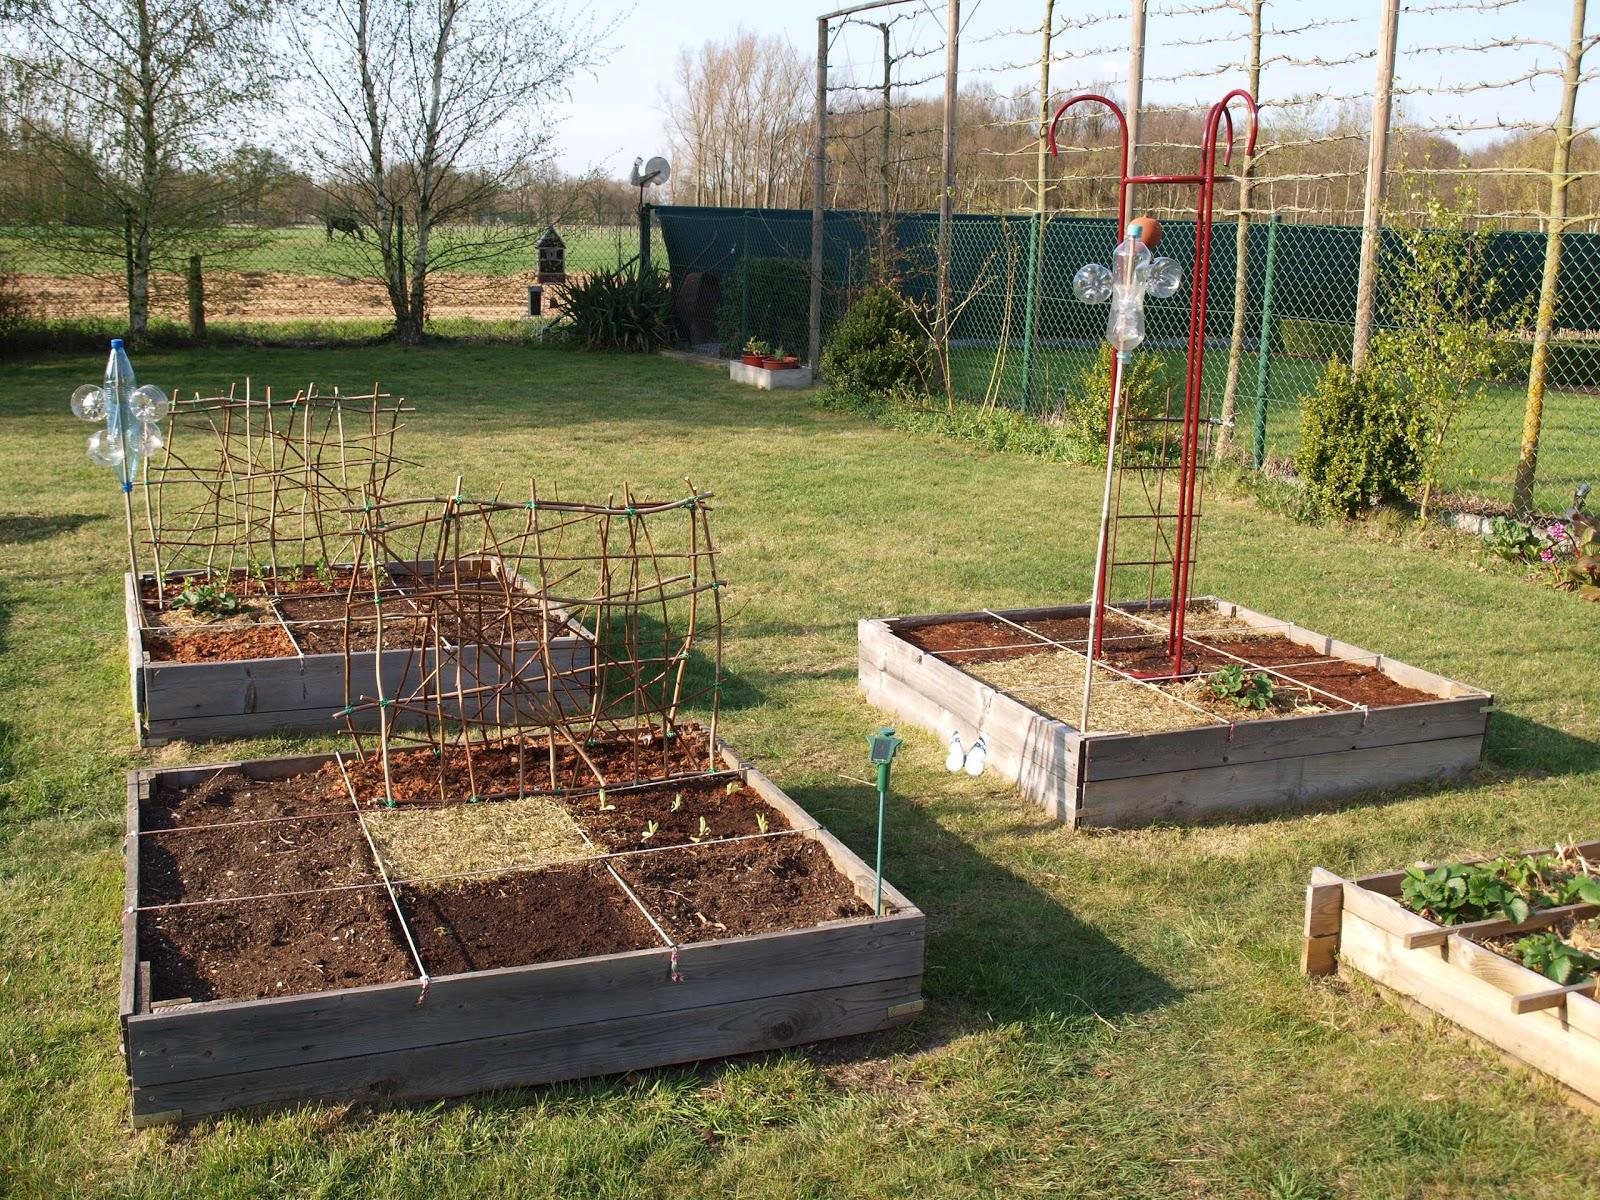 Vierkante Meter Tuin : Stadstuin plantenbakken van steigerhout met vakverdeling